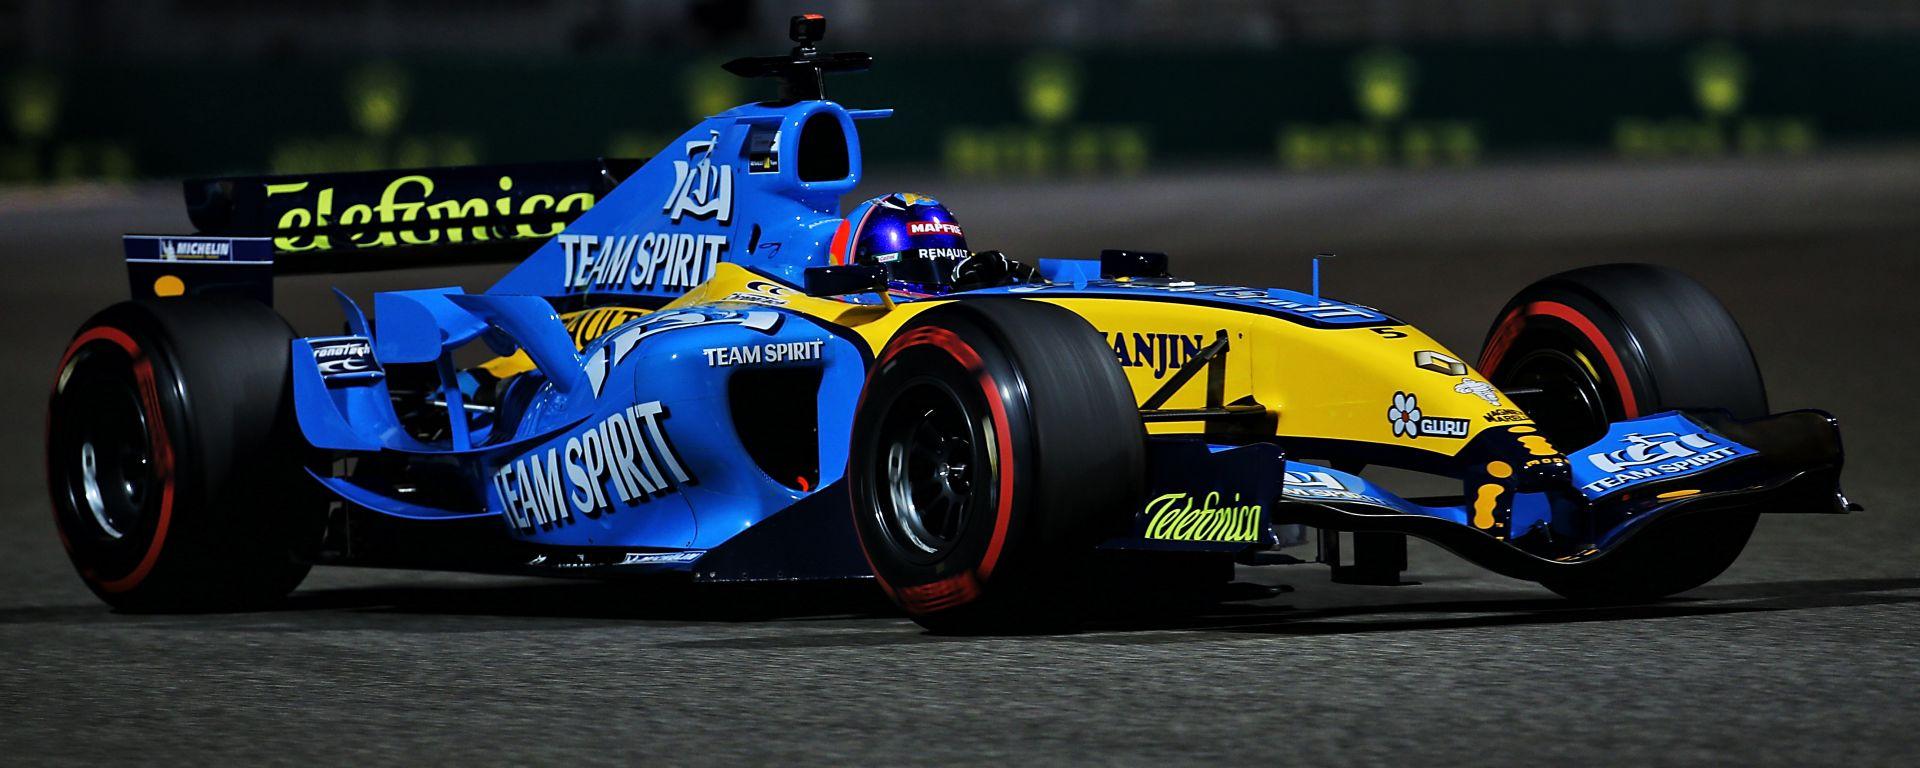 F1, GP Abu Dhabi 2020: l'esibizione di Fernando Alonso (Renault R25)